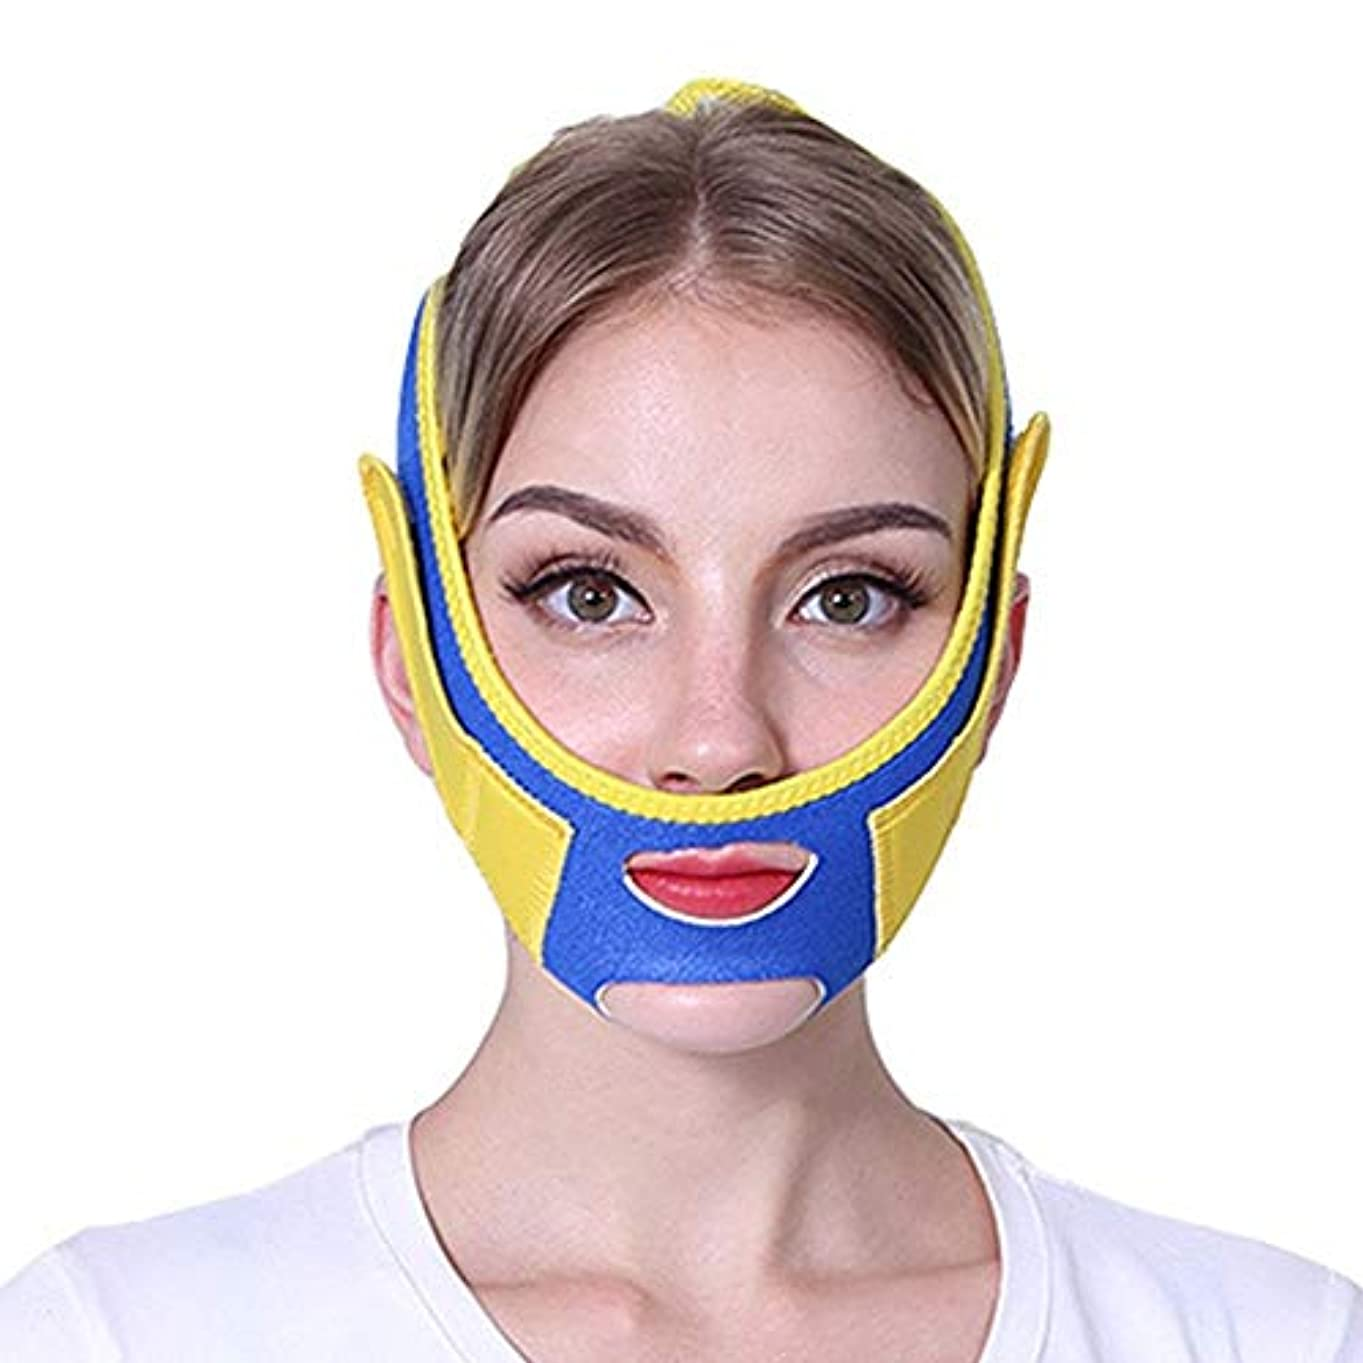 衝突こだわりパイフェイスリフティング包帯、フェイシャルマッサージV字型で肌の弾力性を高め ダブルチンの美容ケアツール (Color : Blue)